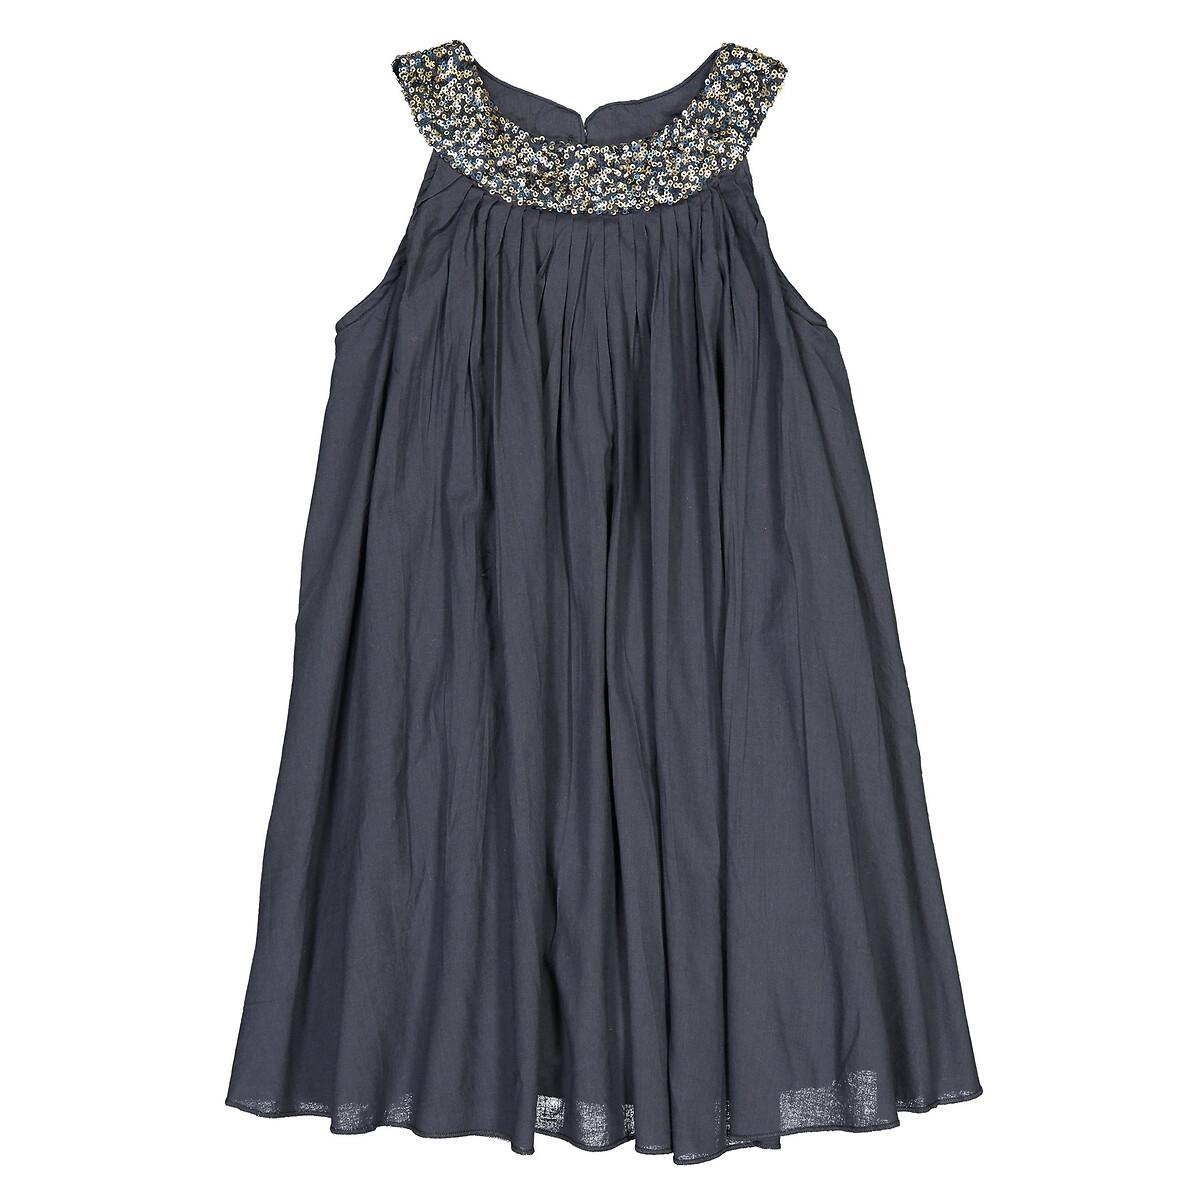 Фото - Платье LaRedoute С блестками на вырезе 3-12 лет 5 лет - 108 см синий кардиган laredoute из плотного трикотажа 3 12 лет 5 лет 108 см синий